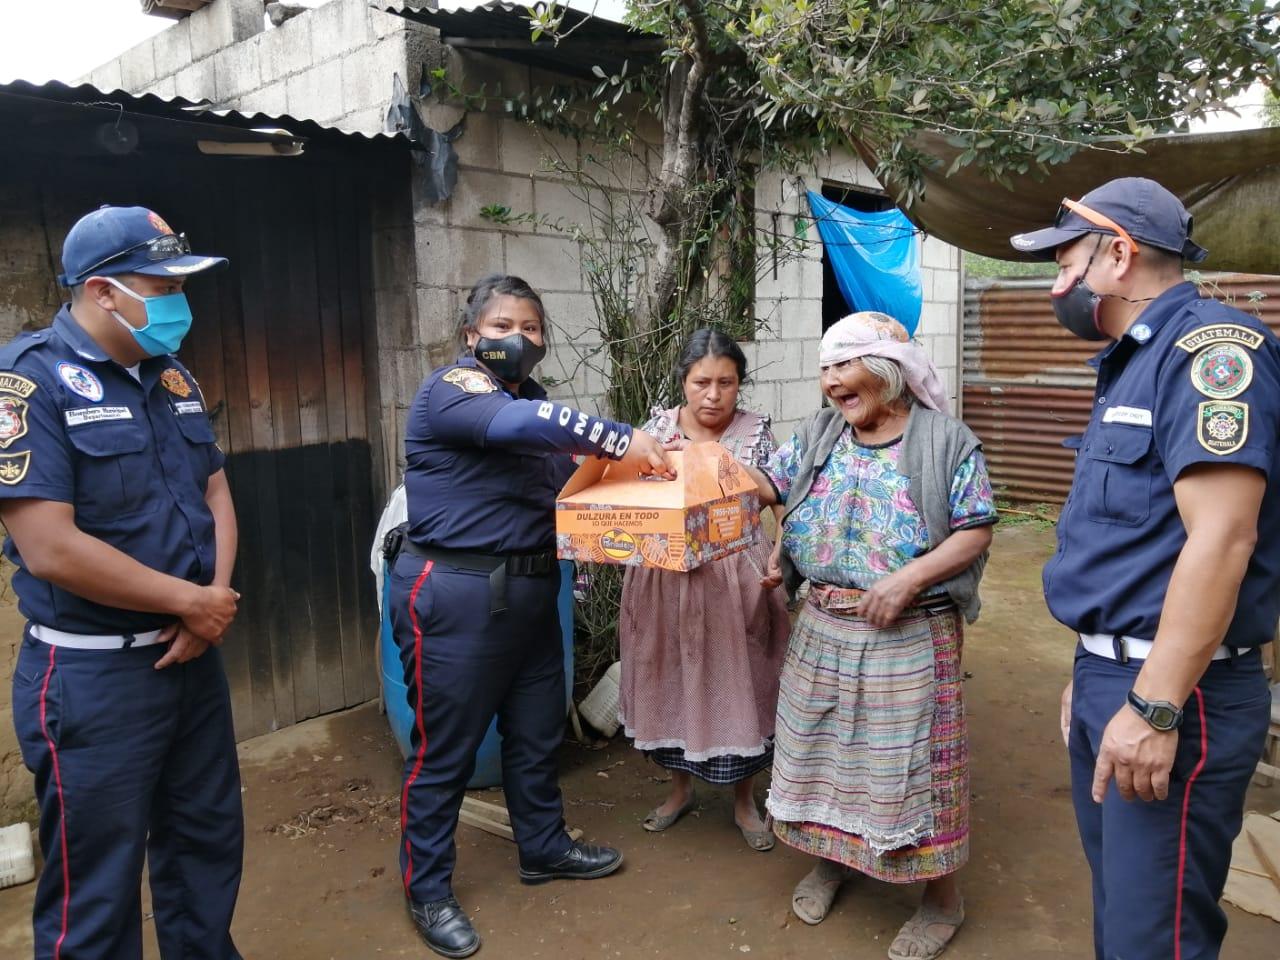 El noble gesto de bomberos al compartir donaciones con los más necesitados